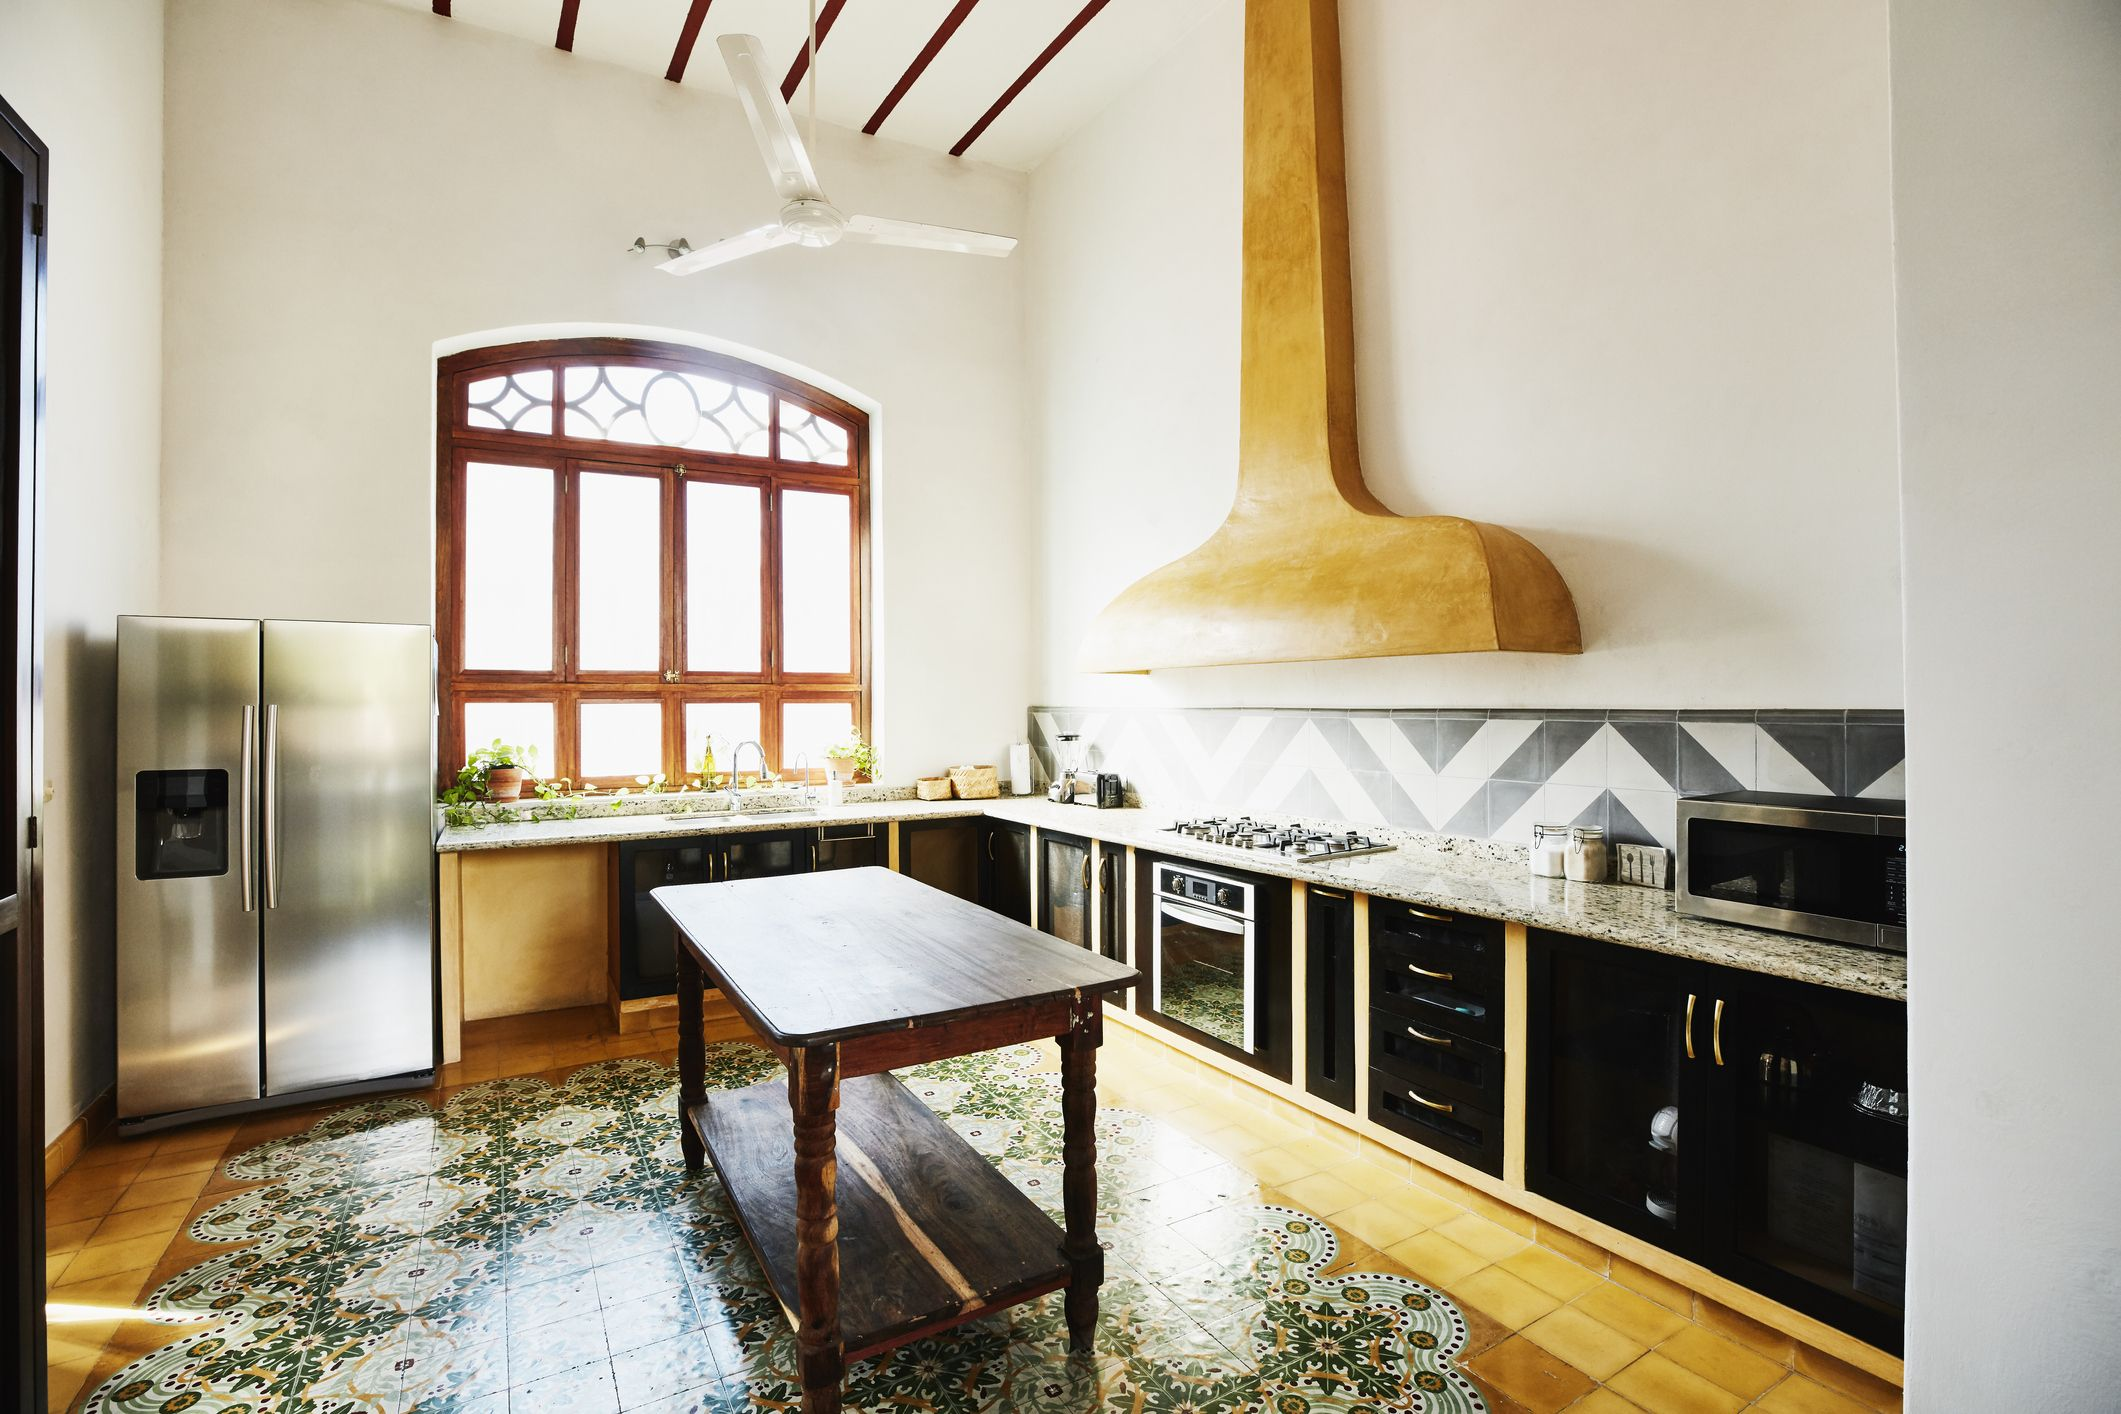 Here Are 10 Kitchen Flooring Ideas - Types of Kitchen Floors